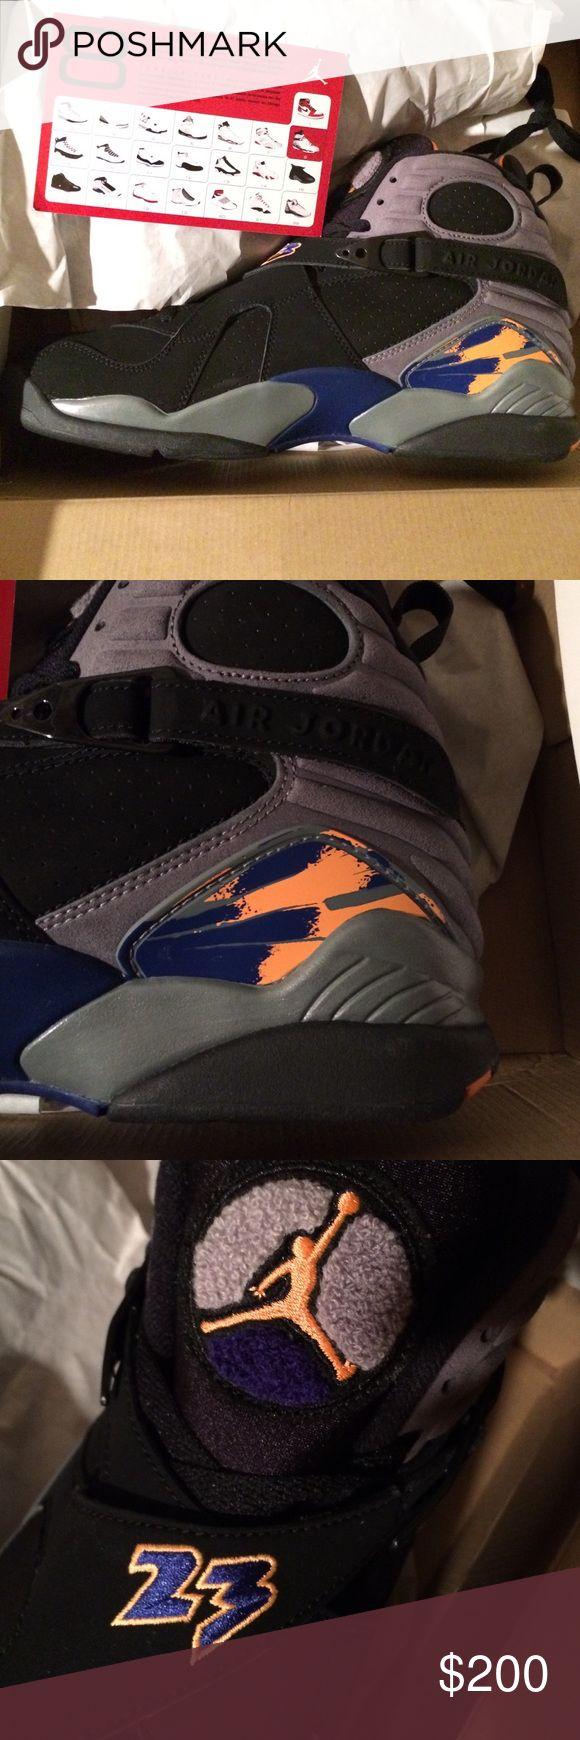 Air Jordan retro 8 Men's size 12 air Jordan retro 8 sneakers Air jordan  Shoes Sneakers